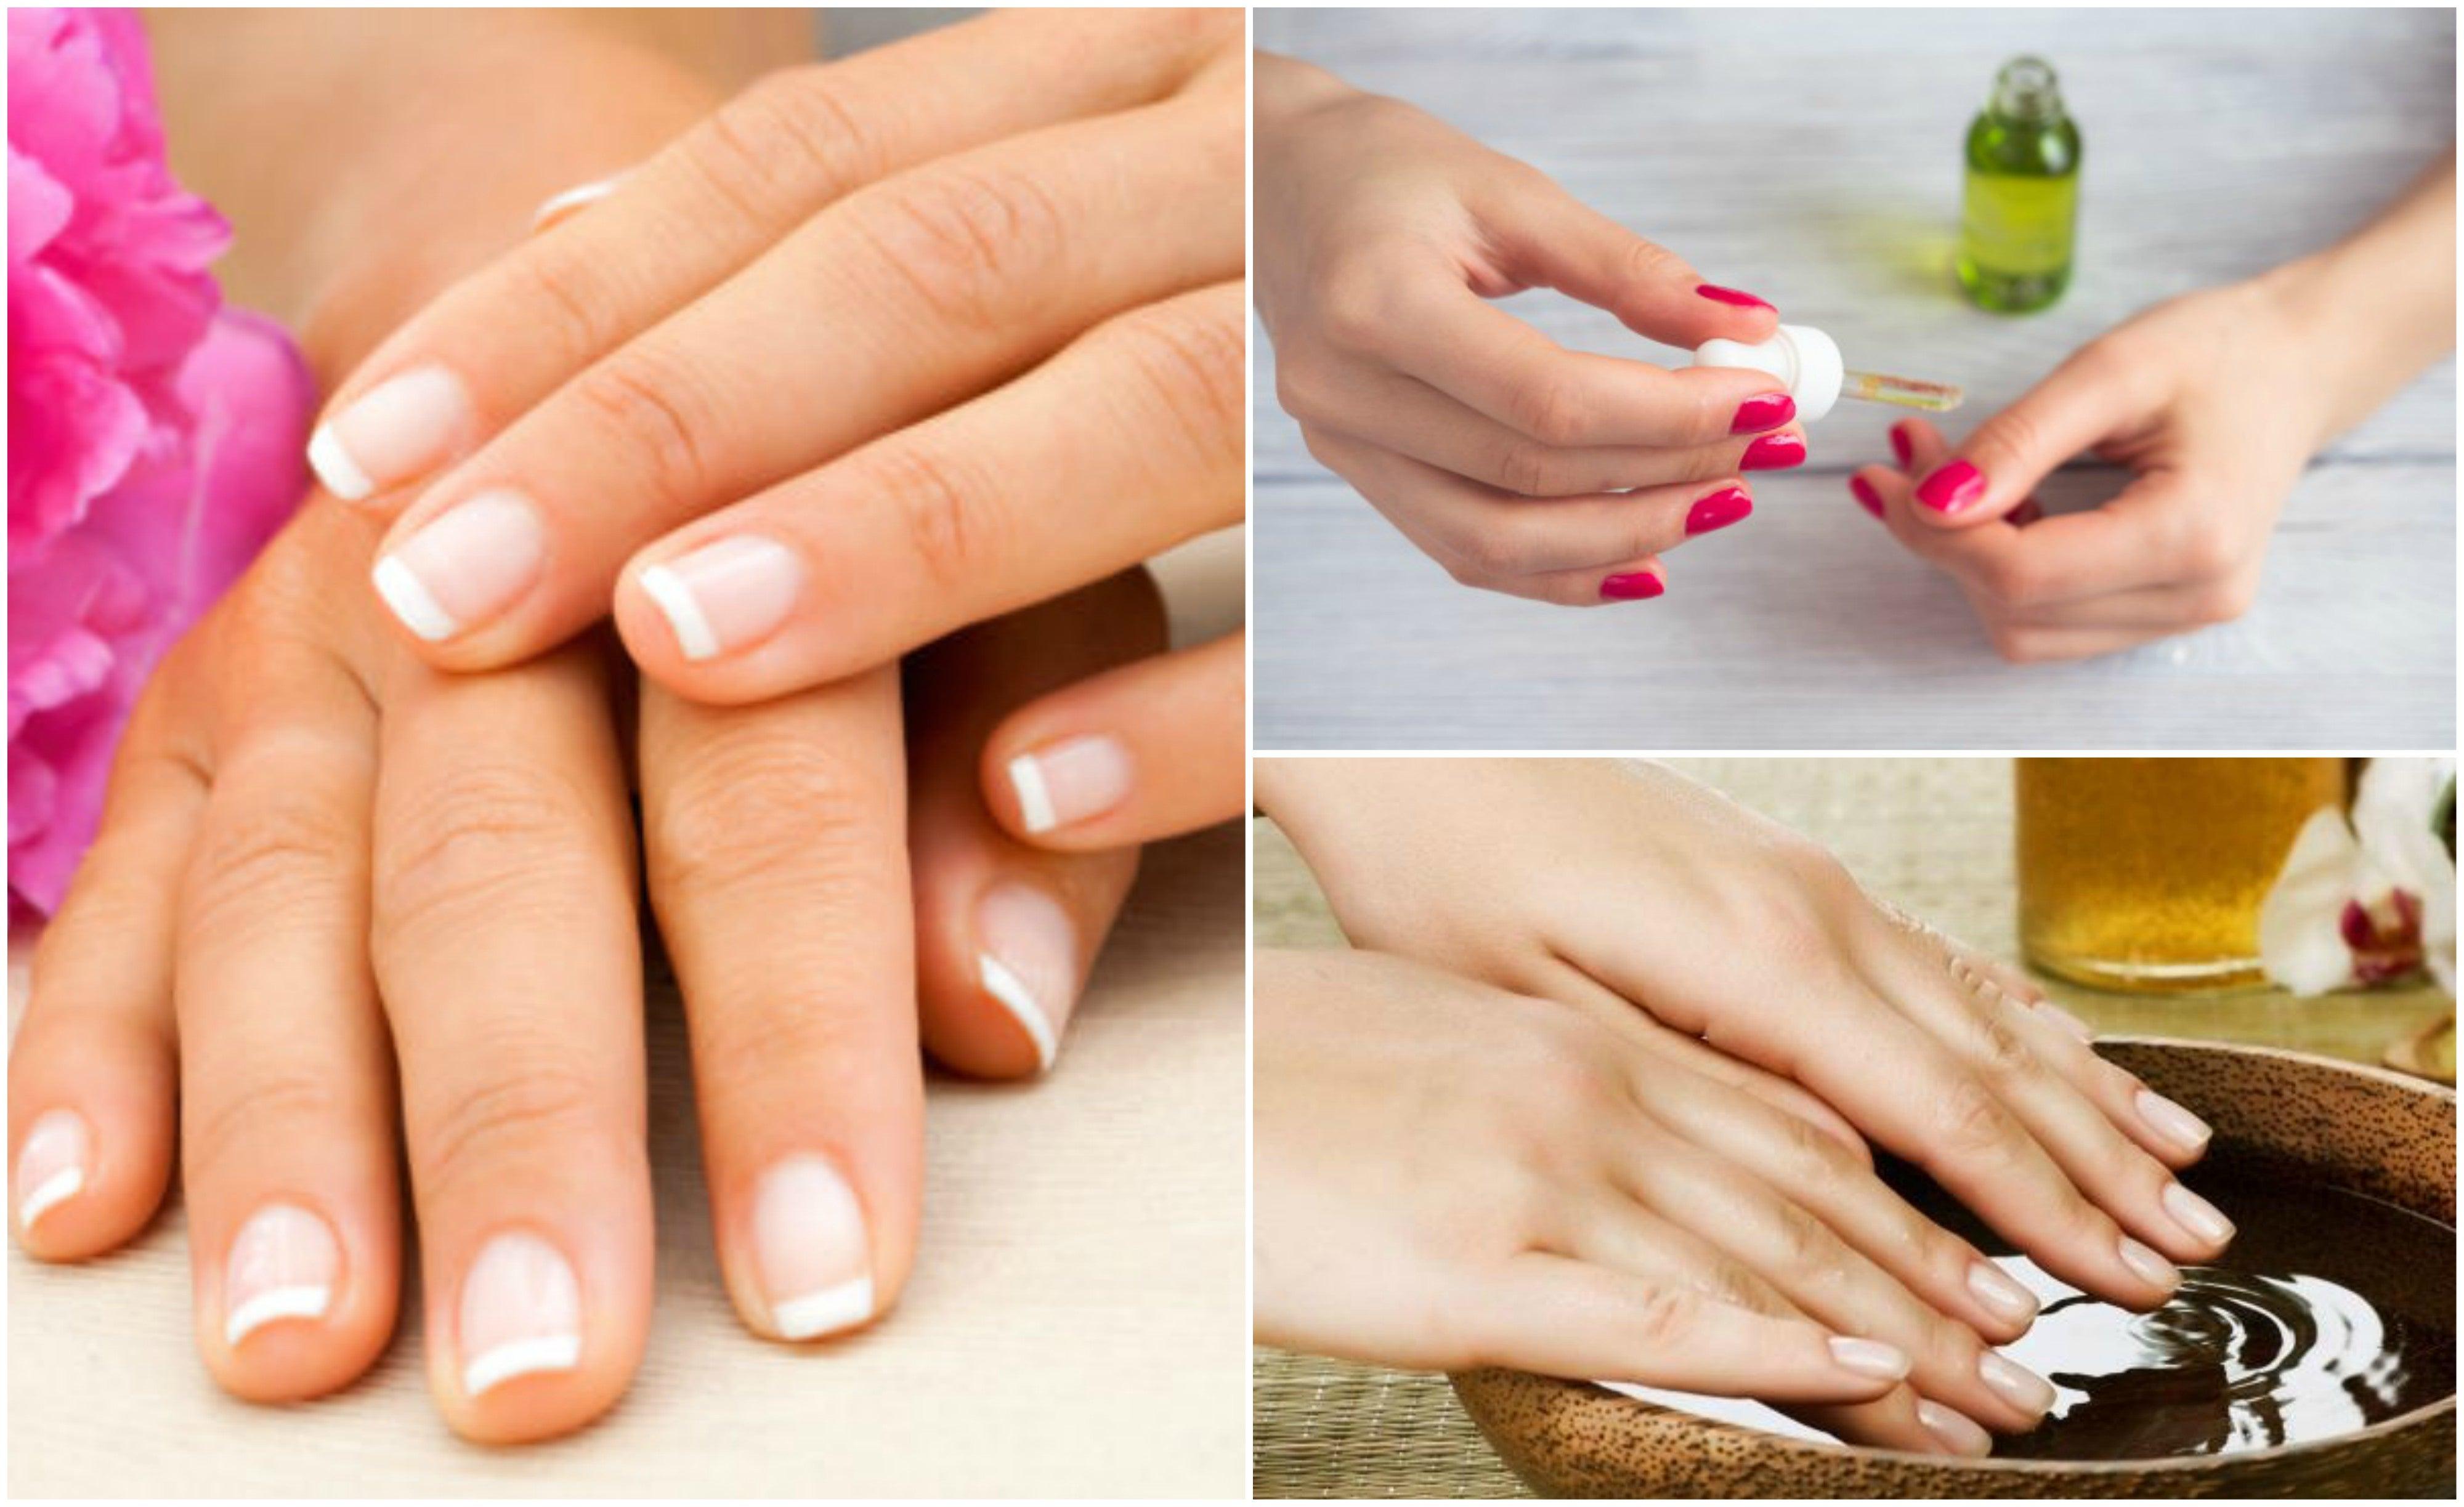 Mejora el aspecto de tus uñas utilizando 5 tratamientos caseros